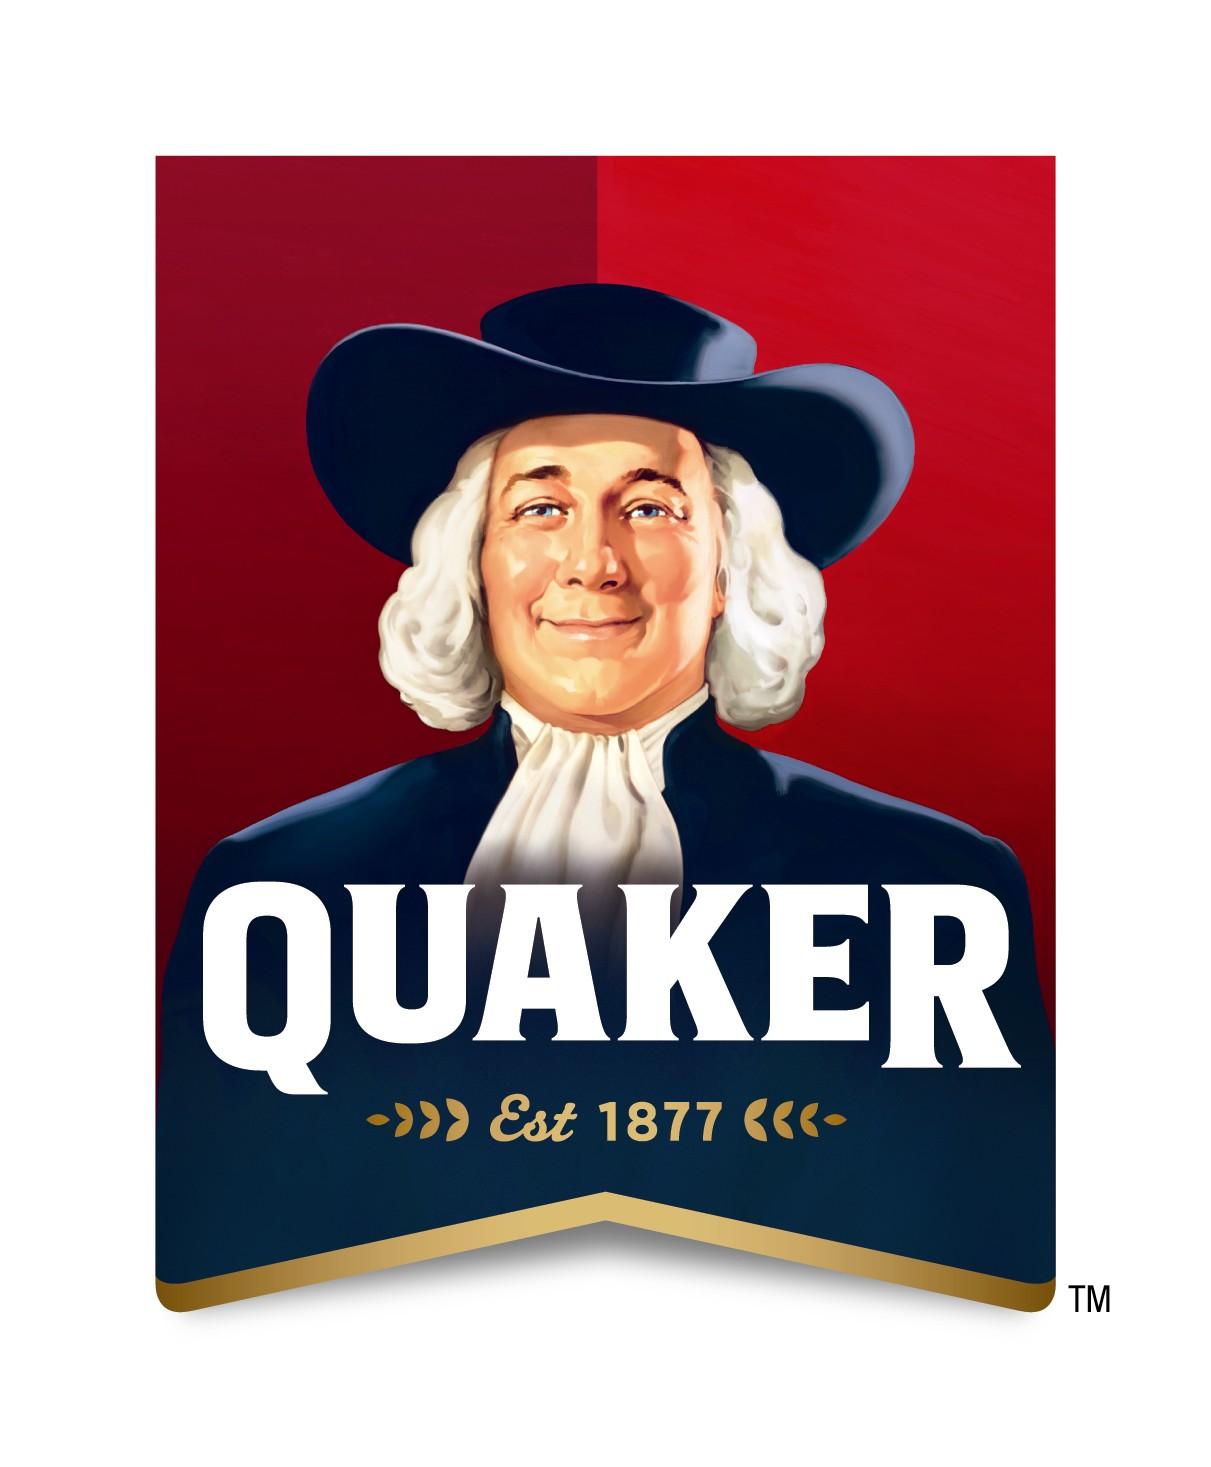 Quaker Logo : quaker, Quaker, Ethics, Design